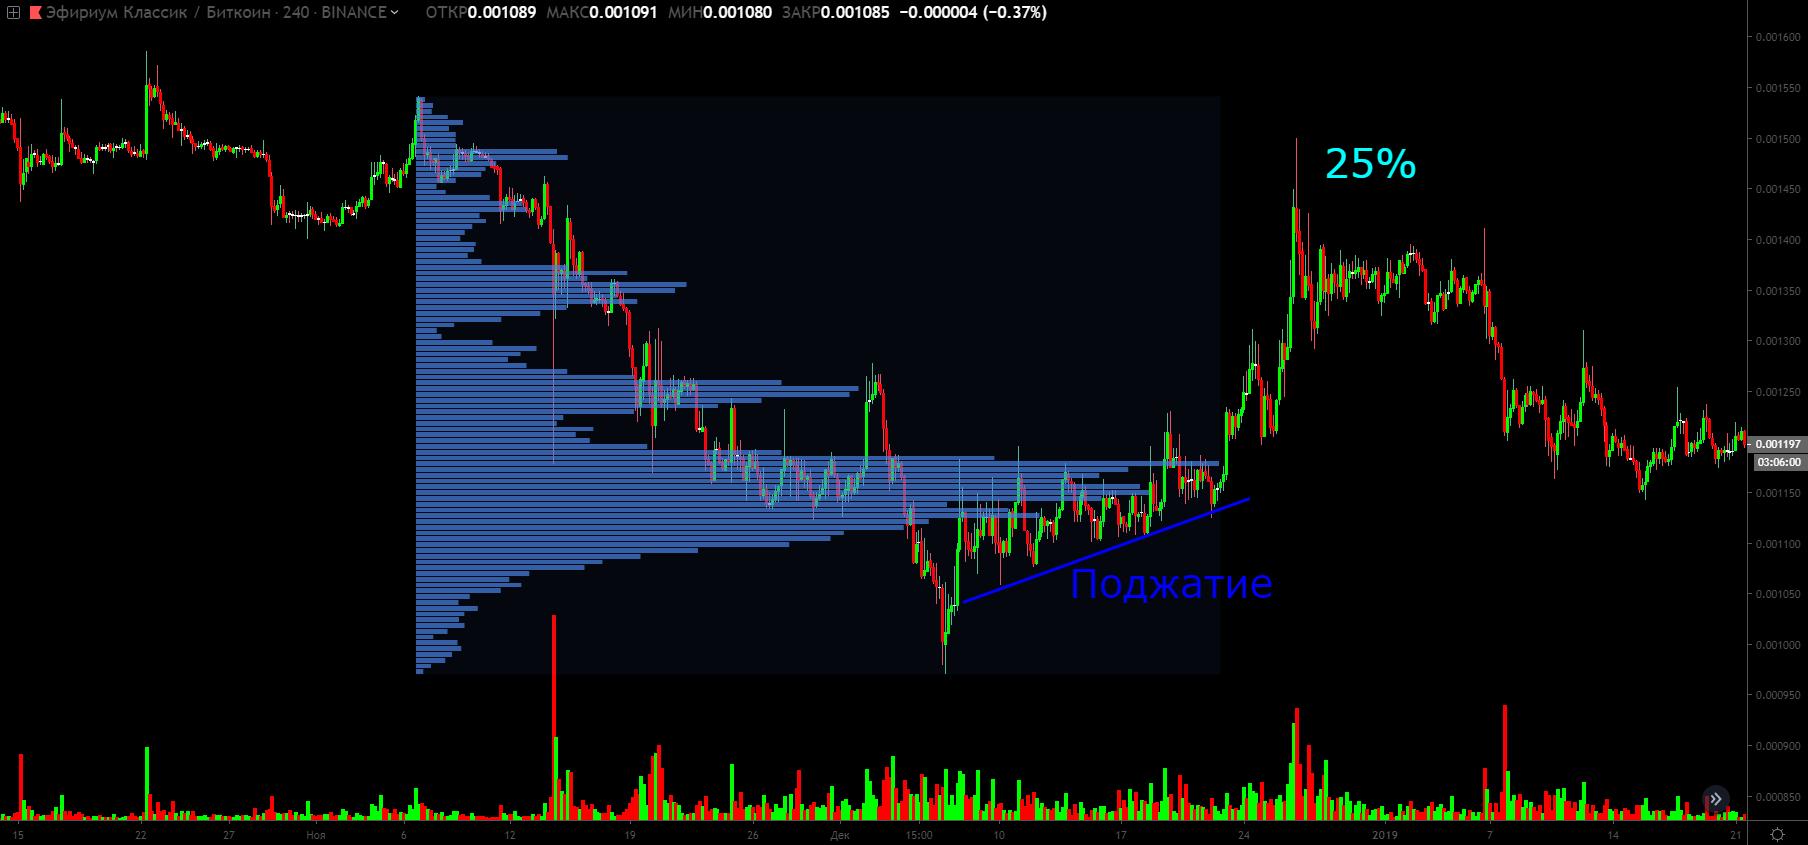 Объемный анализ, или как вычислить крупного игрока на биткоин-рынке